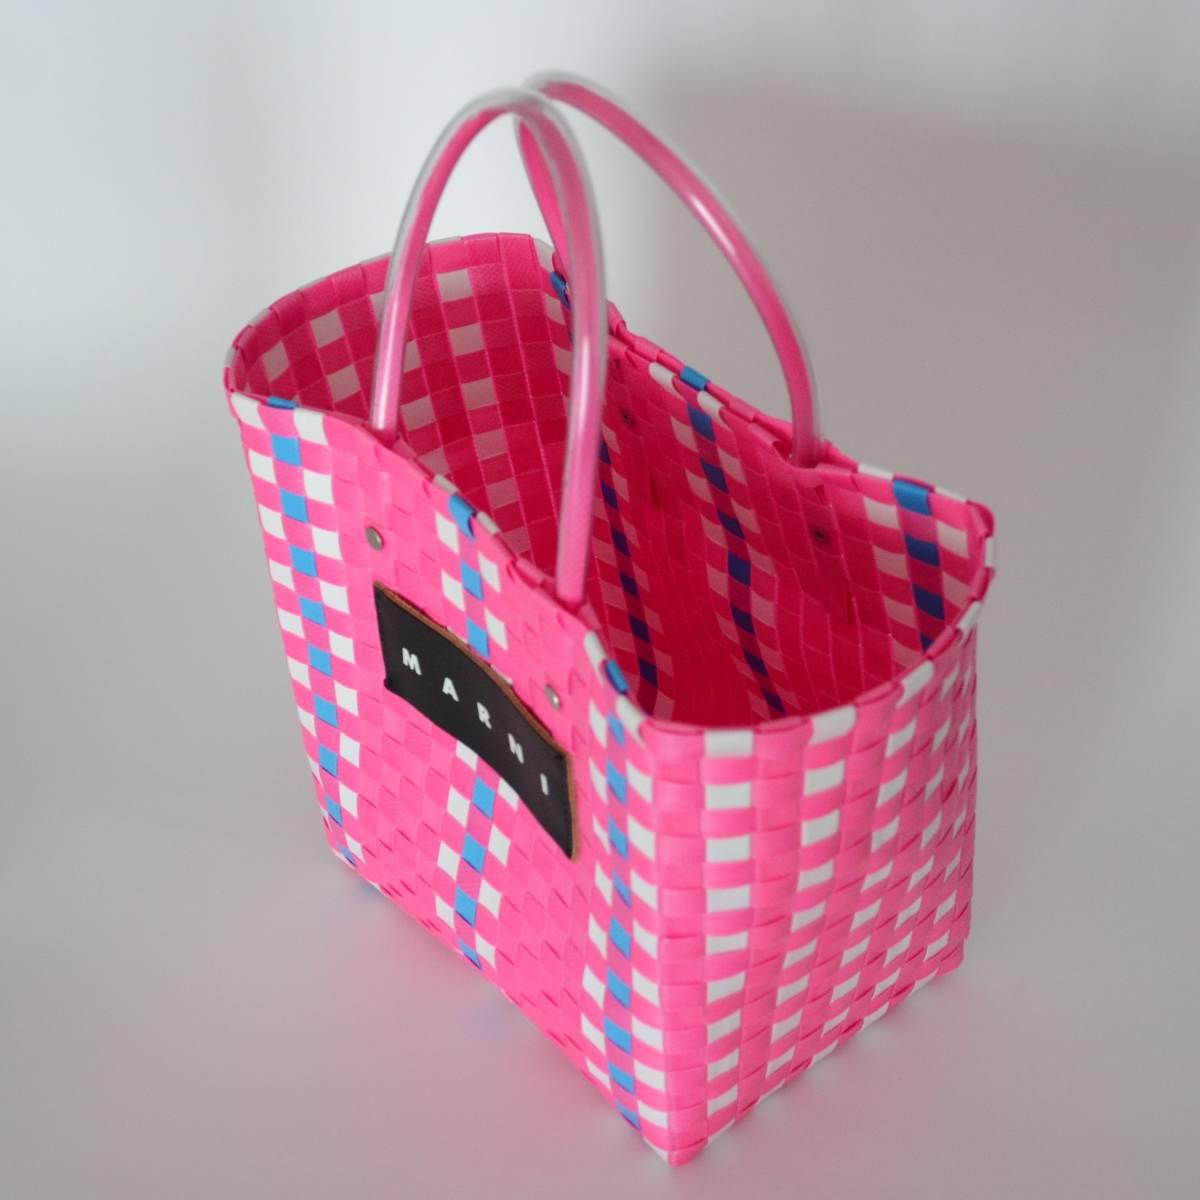 【マルニマーケット】 未使用 ピクニックバッグ ピンク ミニサイズ スクエアショッピングバック/かご/かばん 阪急うめだ本店で購入 MARNI_画像2